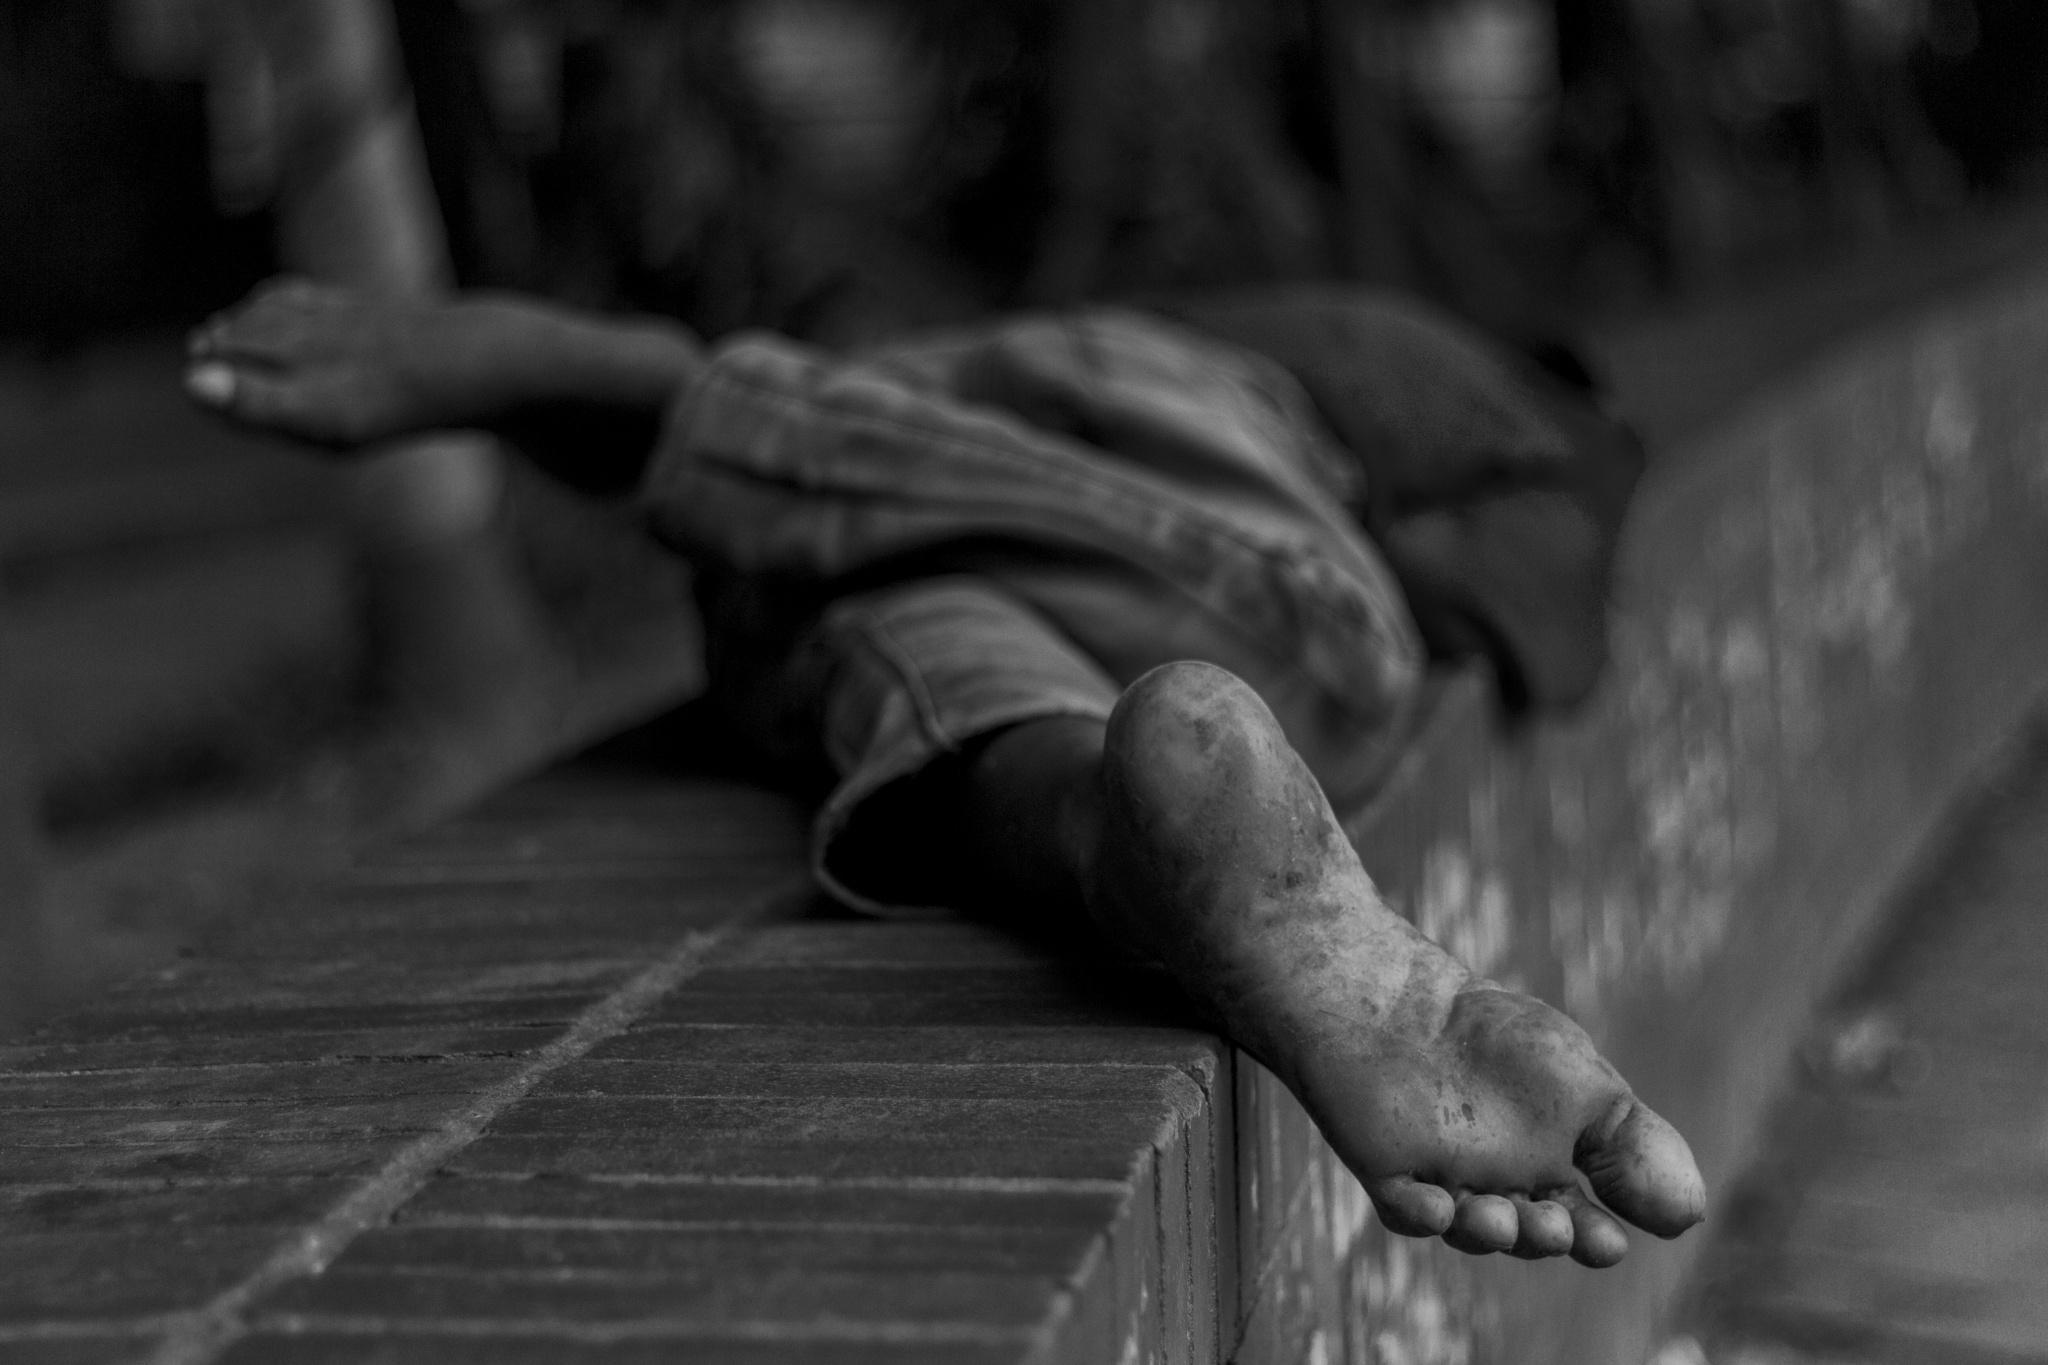 Foot by razibjbarjong